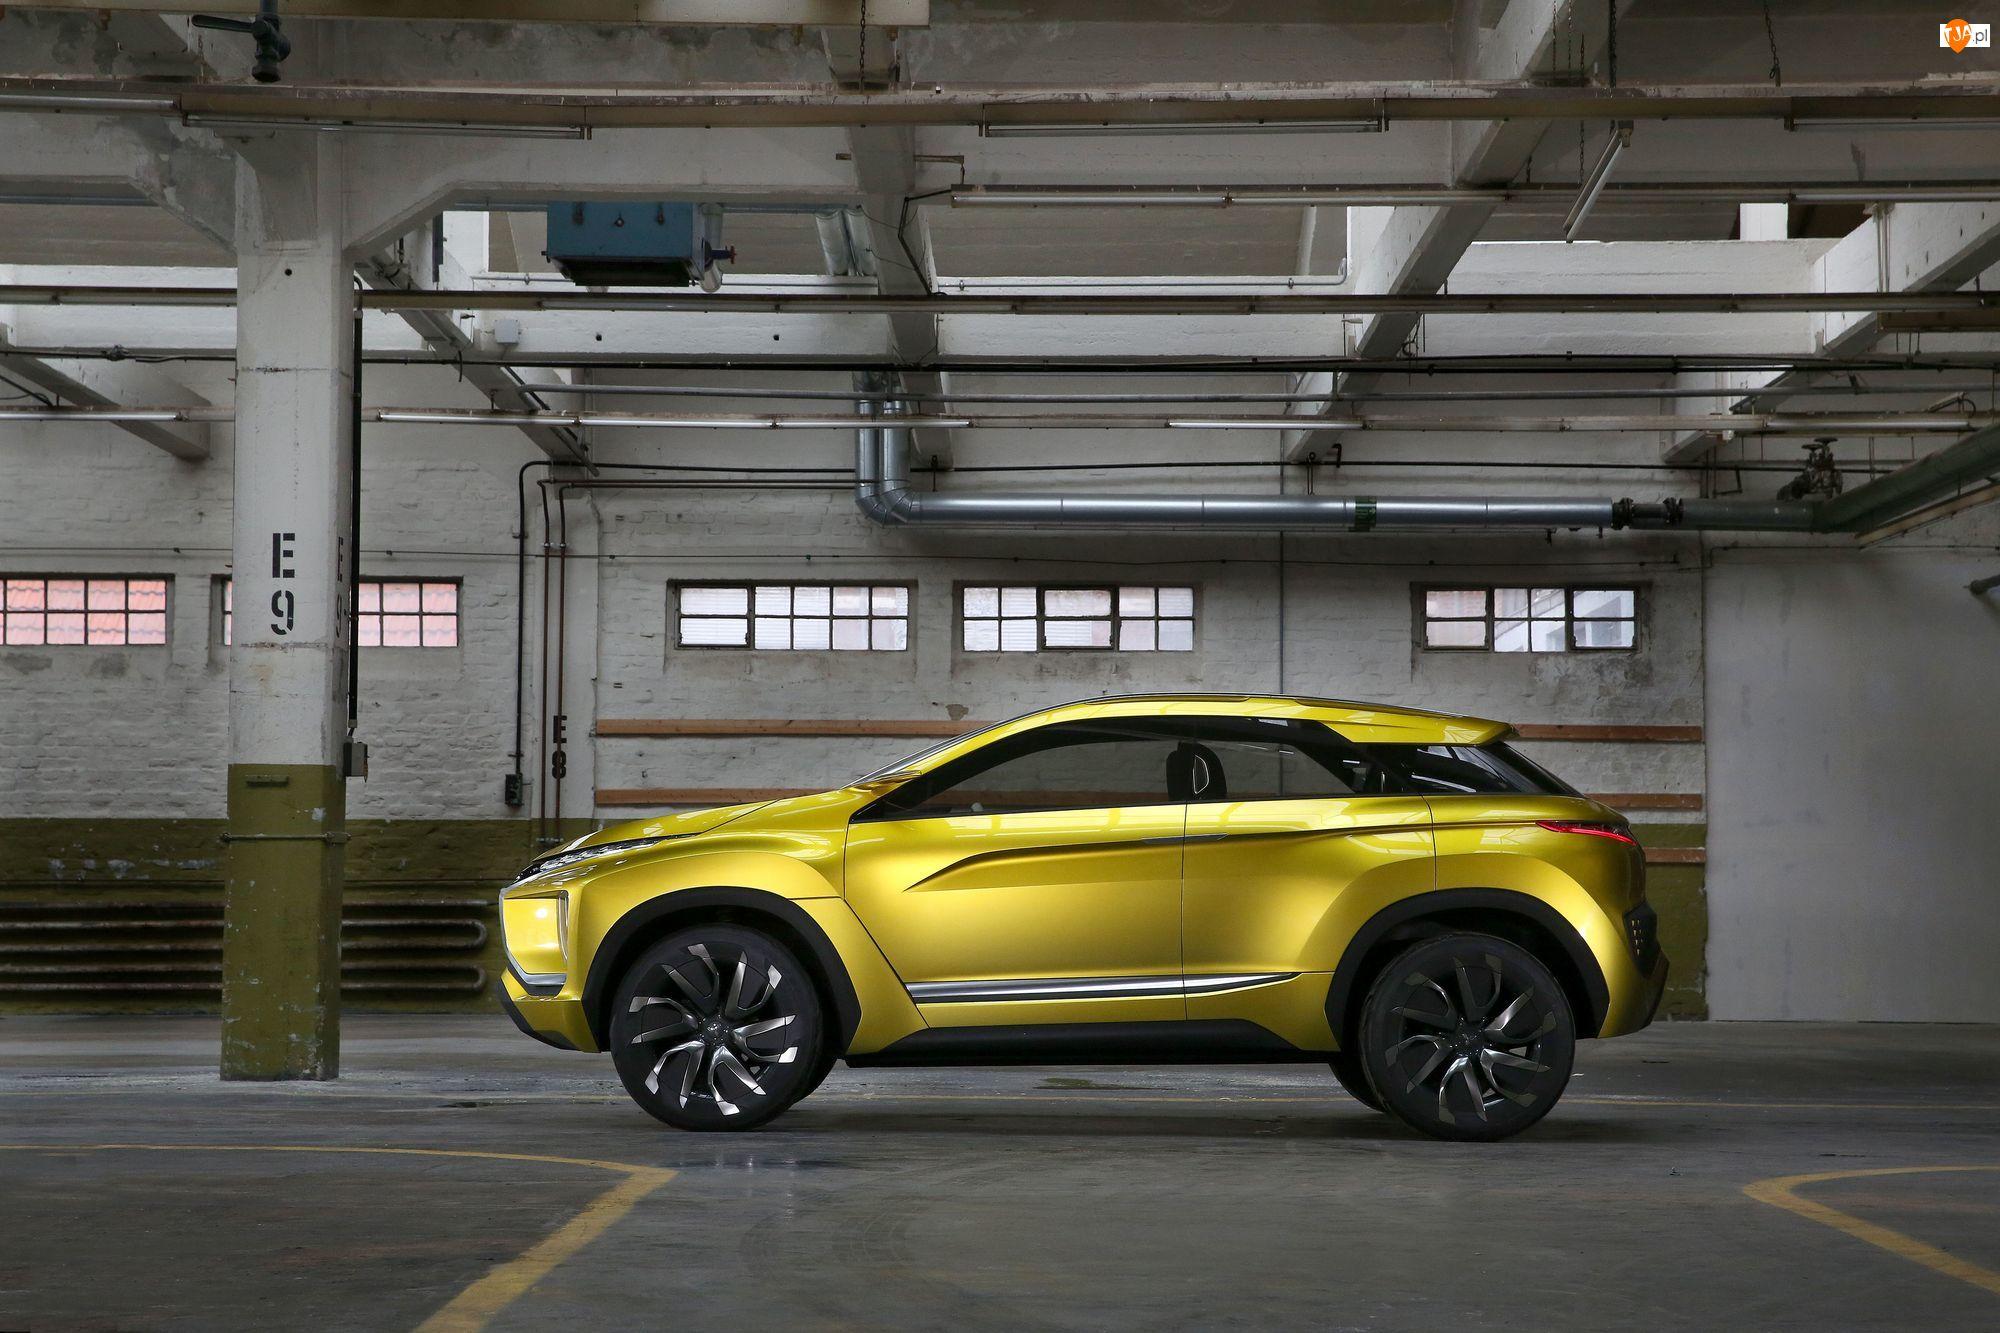 2015, Żółty, Mitsubishi eX Concept